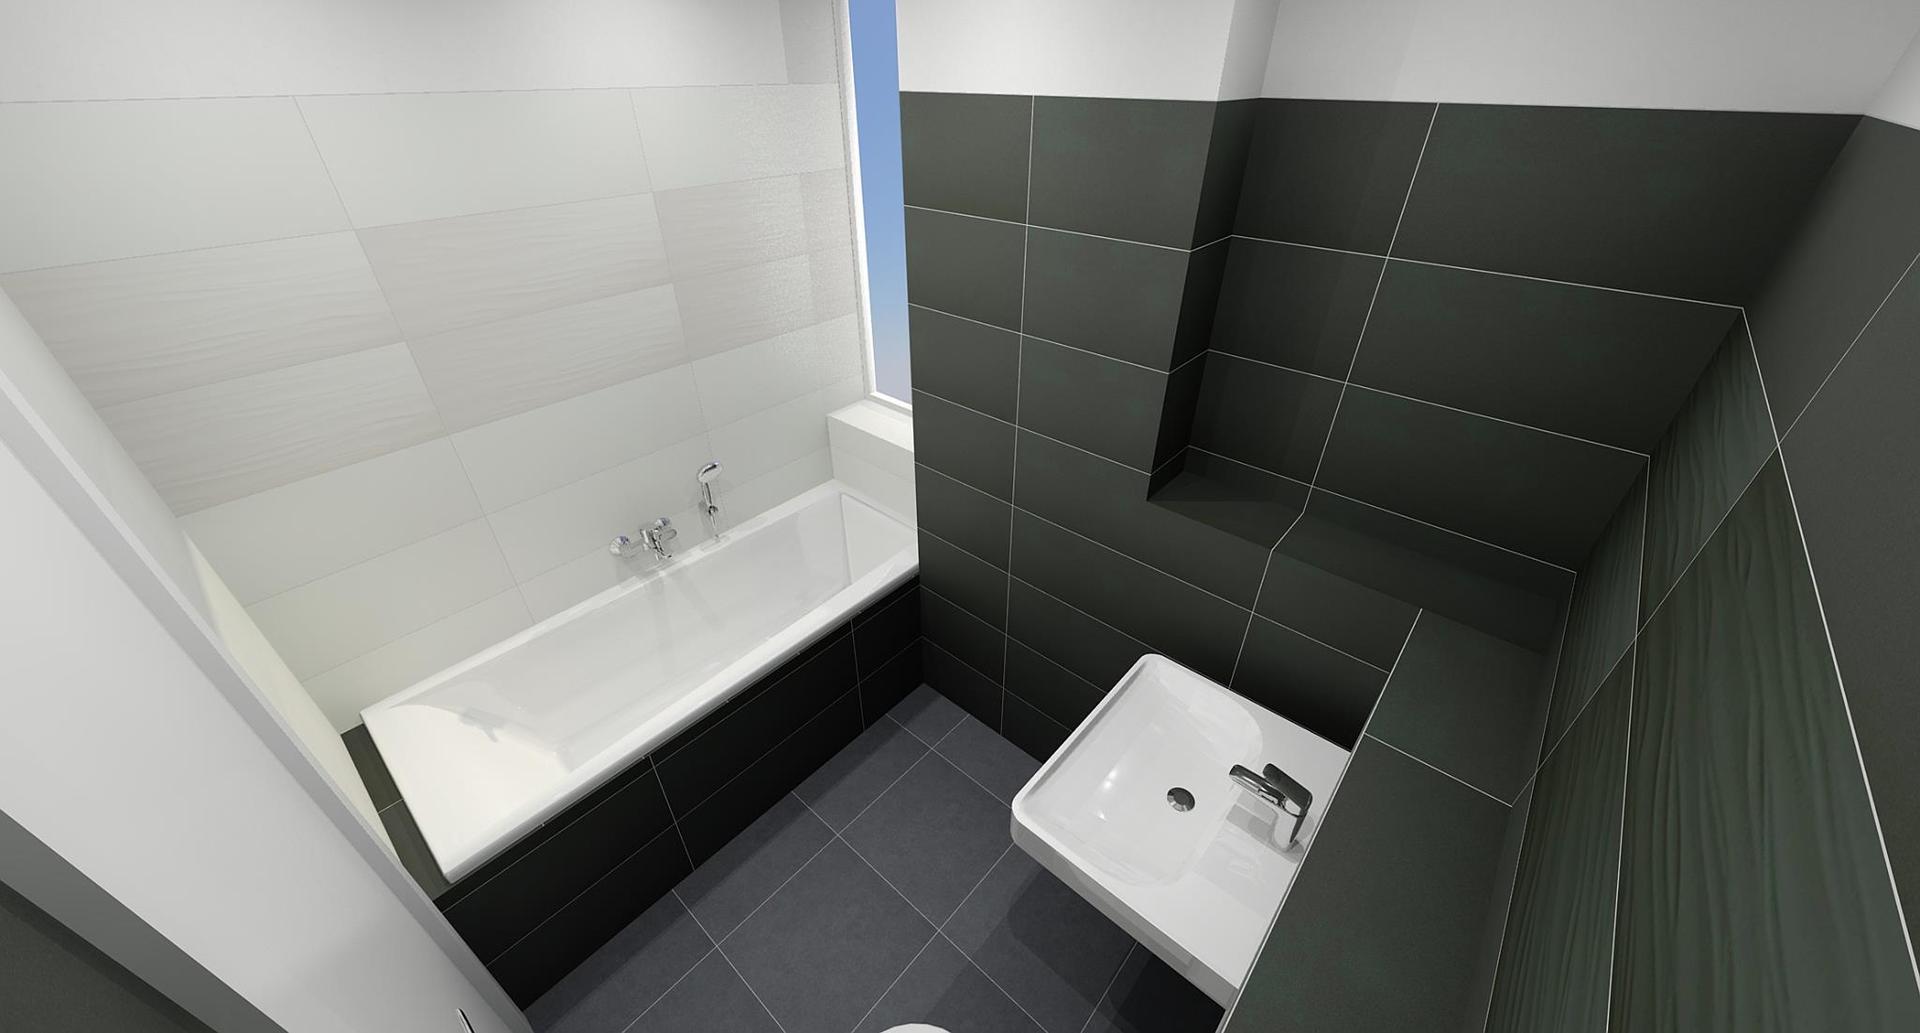 Návrhy koupelny a kuchyně - Obrázek č. 11